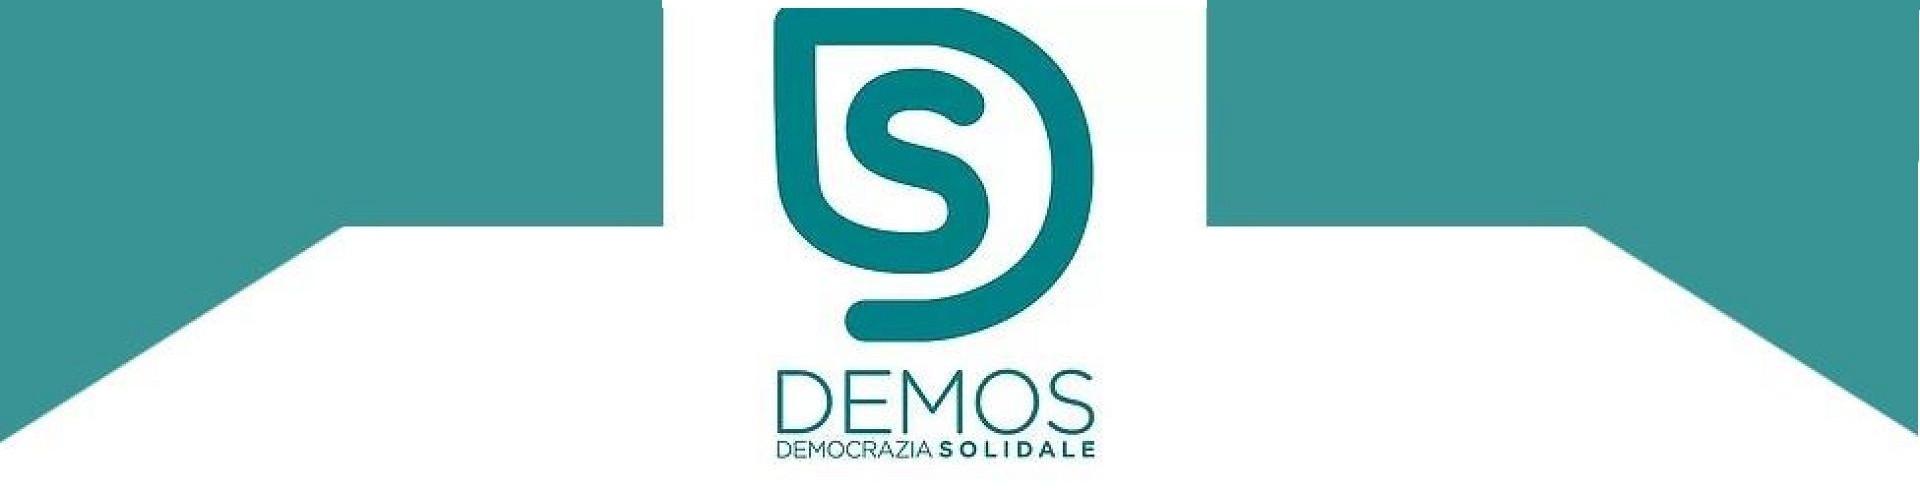 Demos Piemonte